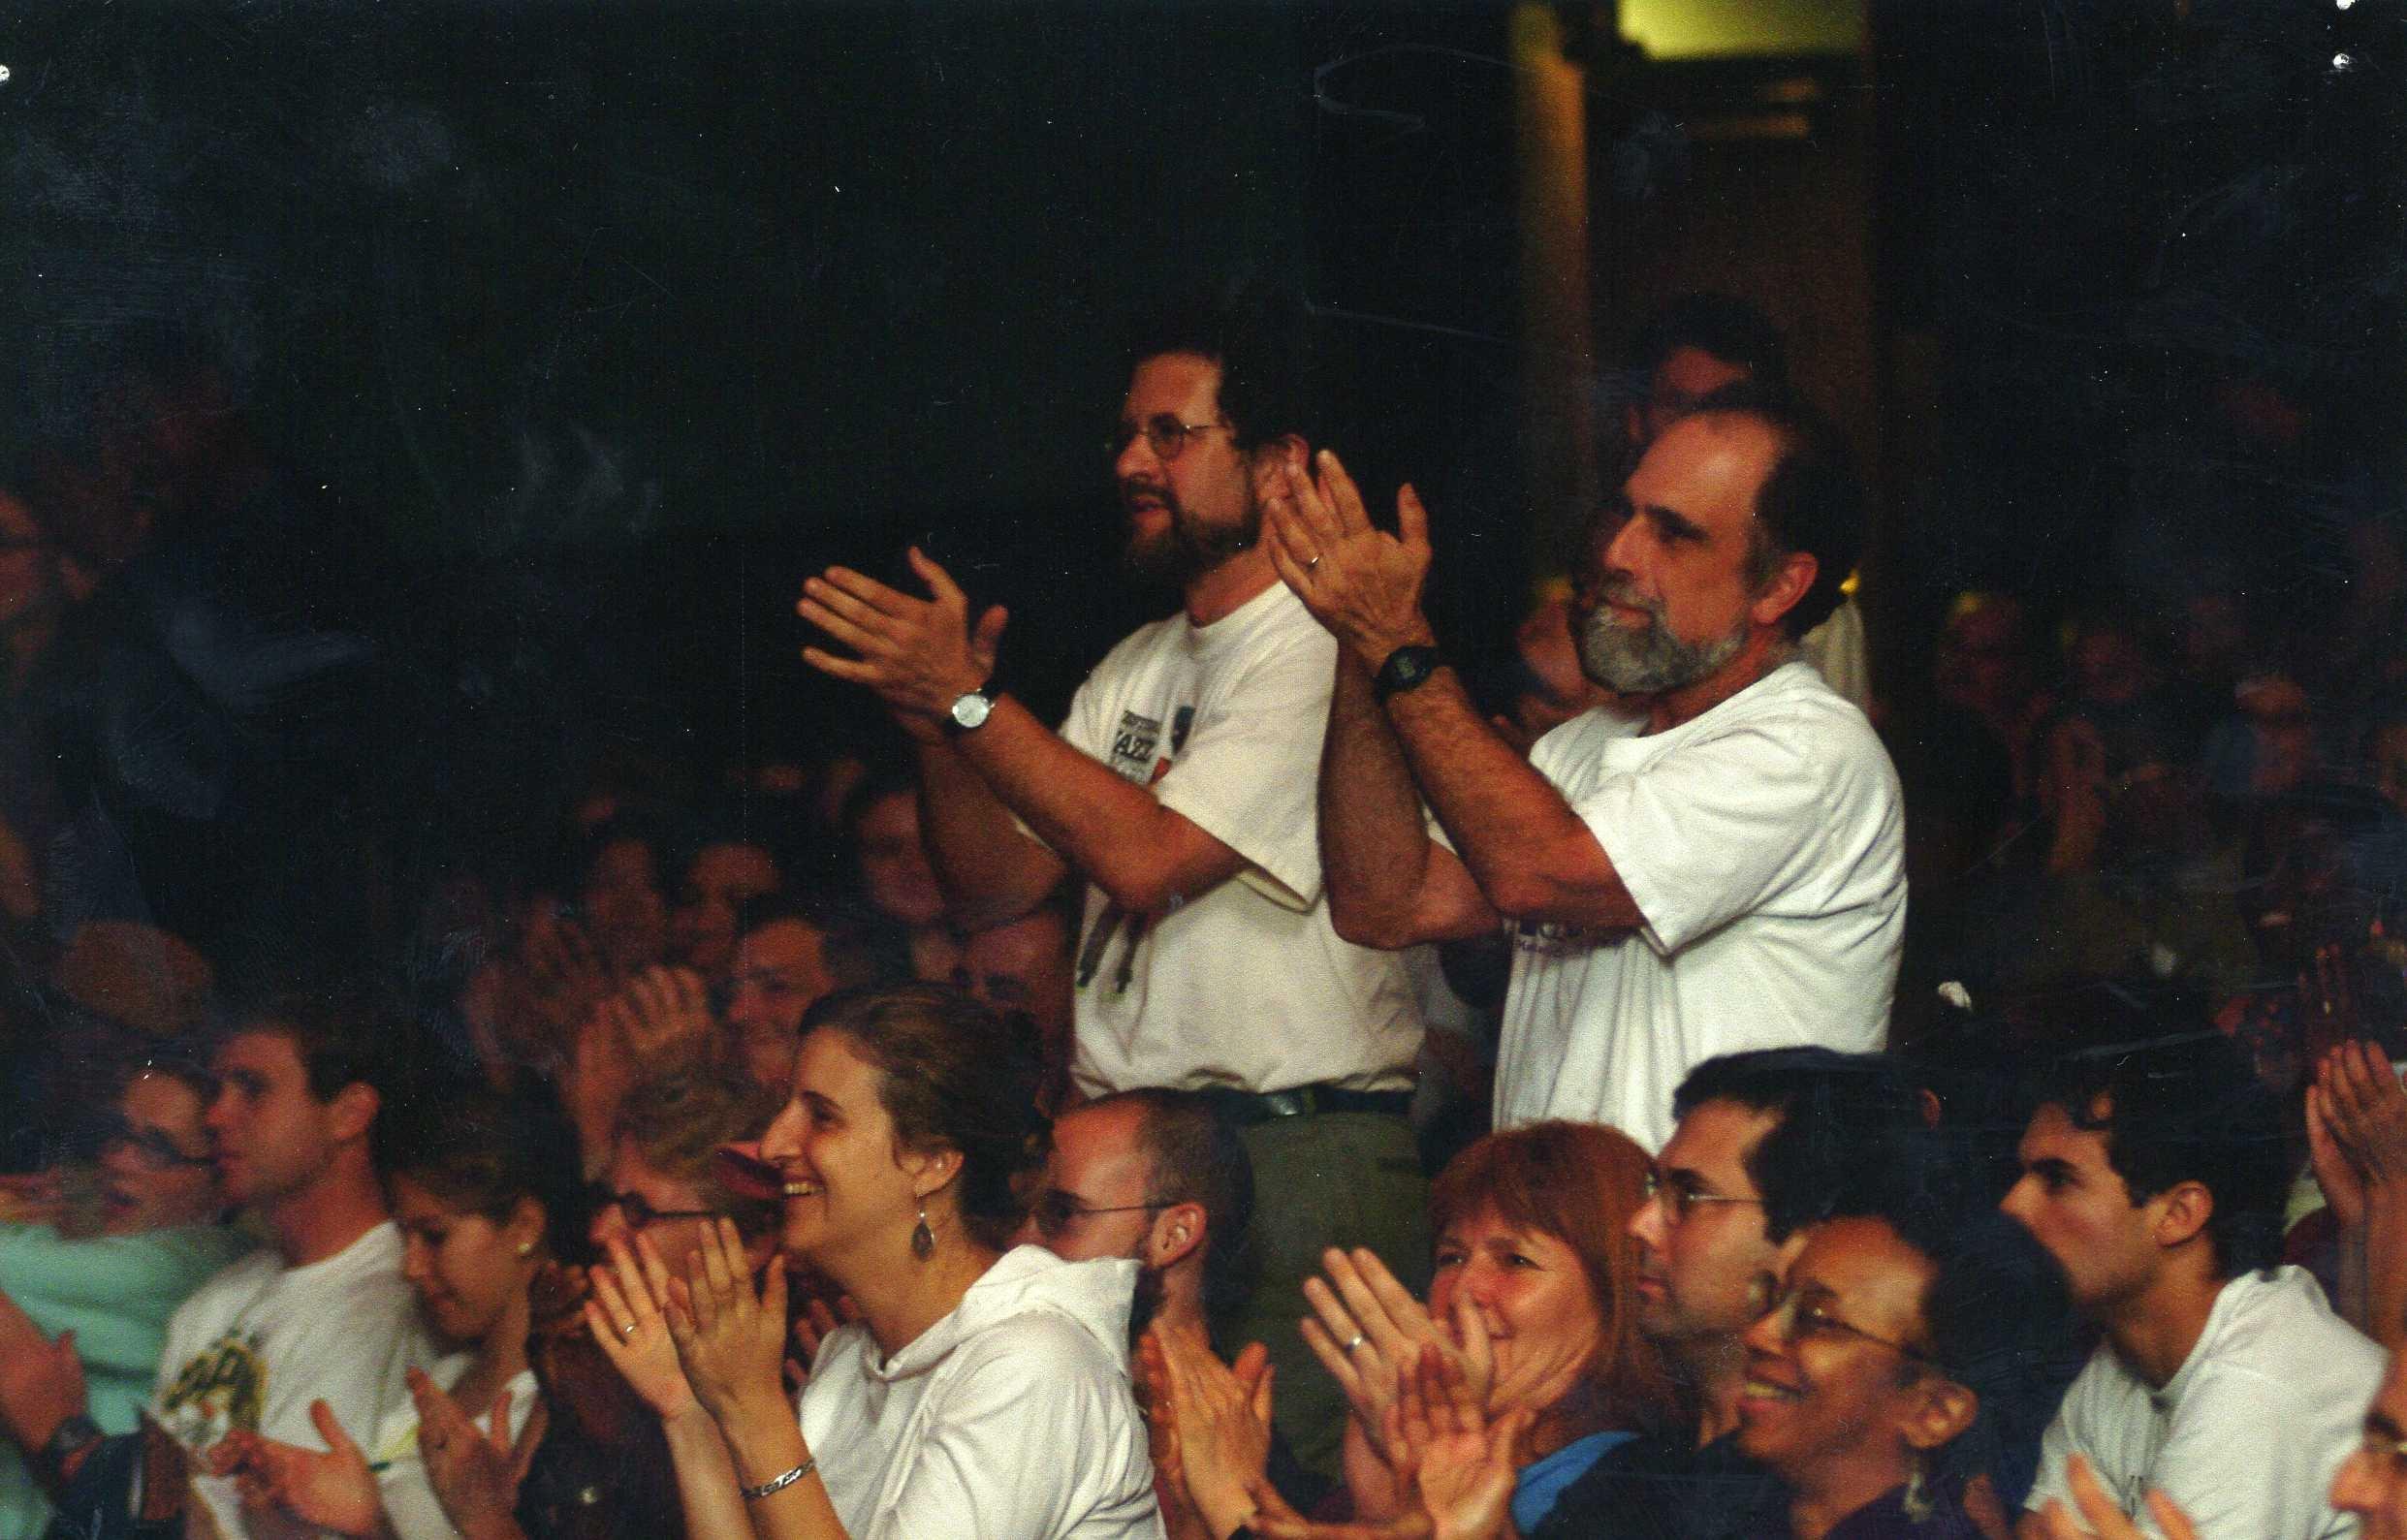 img2003 Clapping audience members.JPG